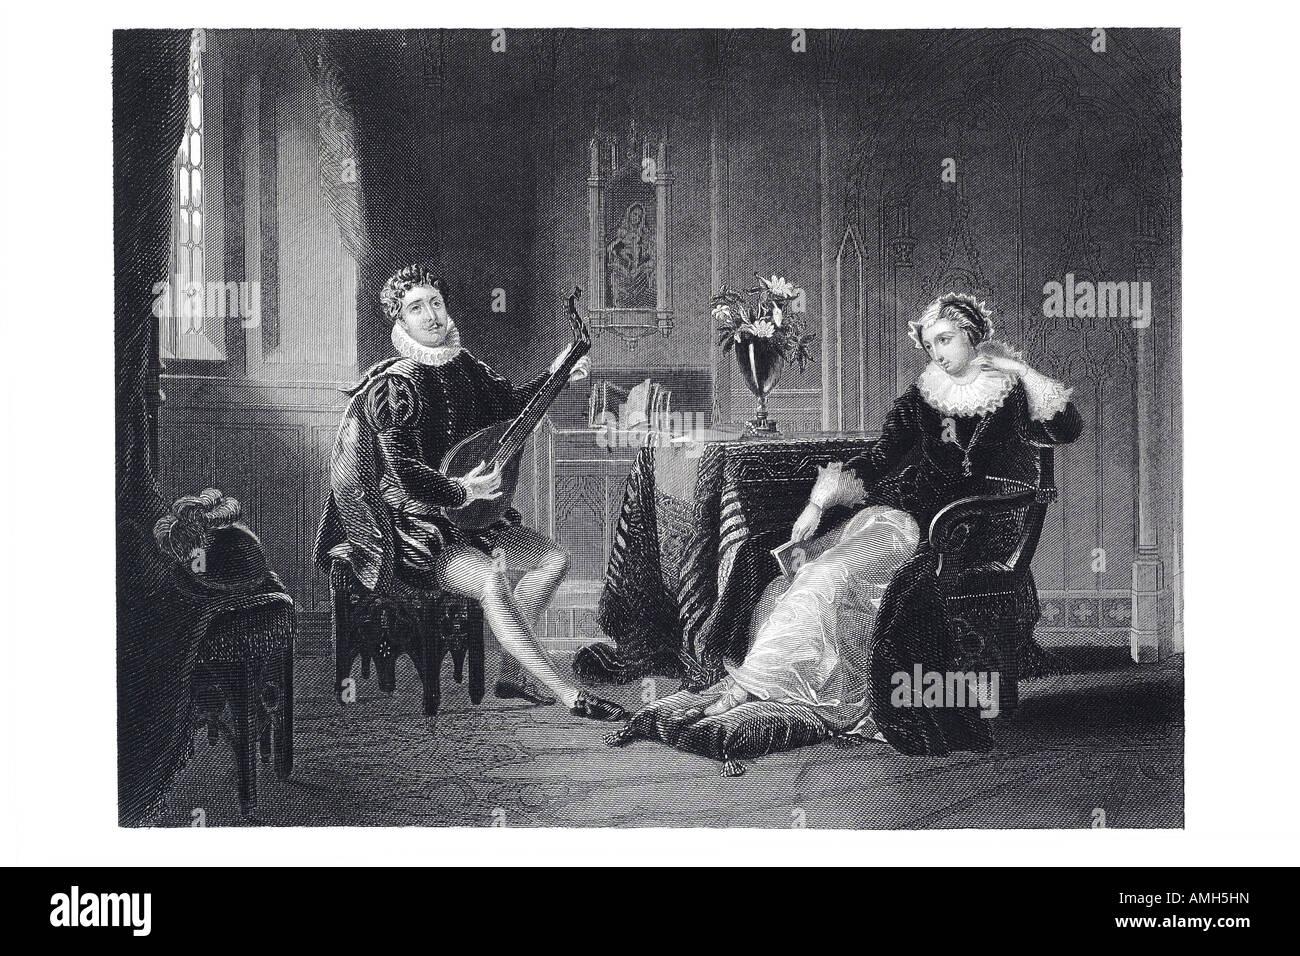 Queen Mary ich 1 1. Scots Schottland Monarch Königreich Schottland umworben Chatelar Ständchen singen Stockbild